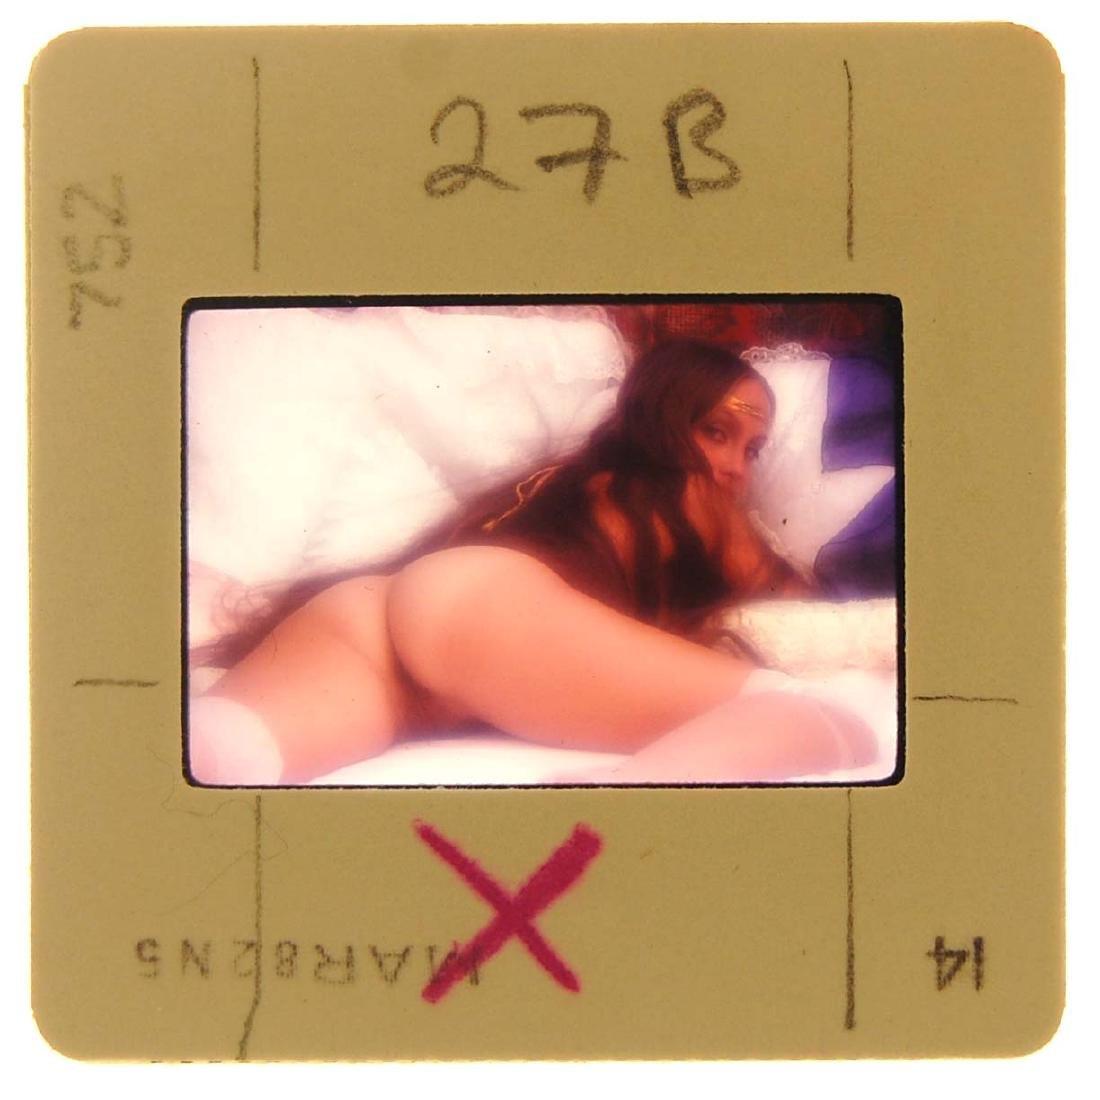 Orig Nude 35mm Slide Lari Jones & July 1982 Penthouse - 3